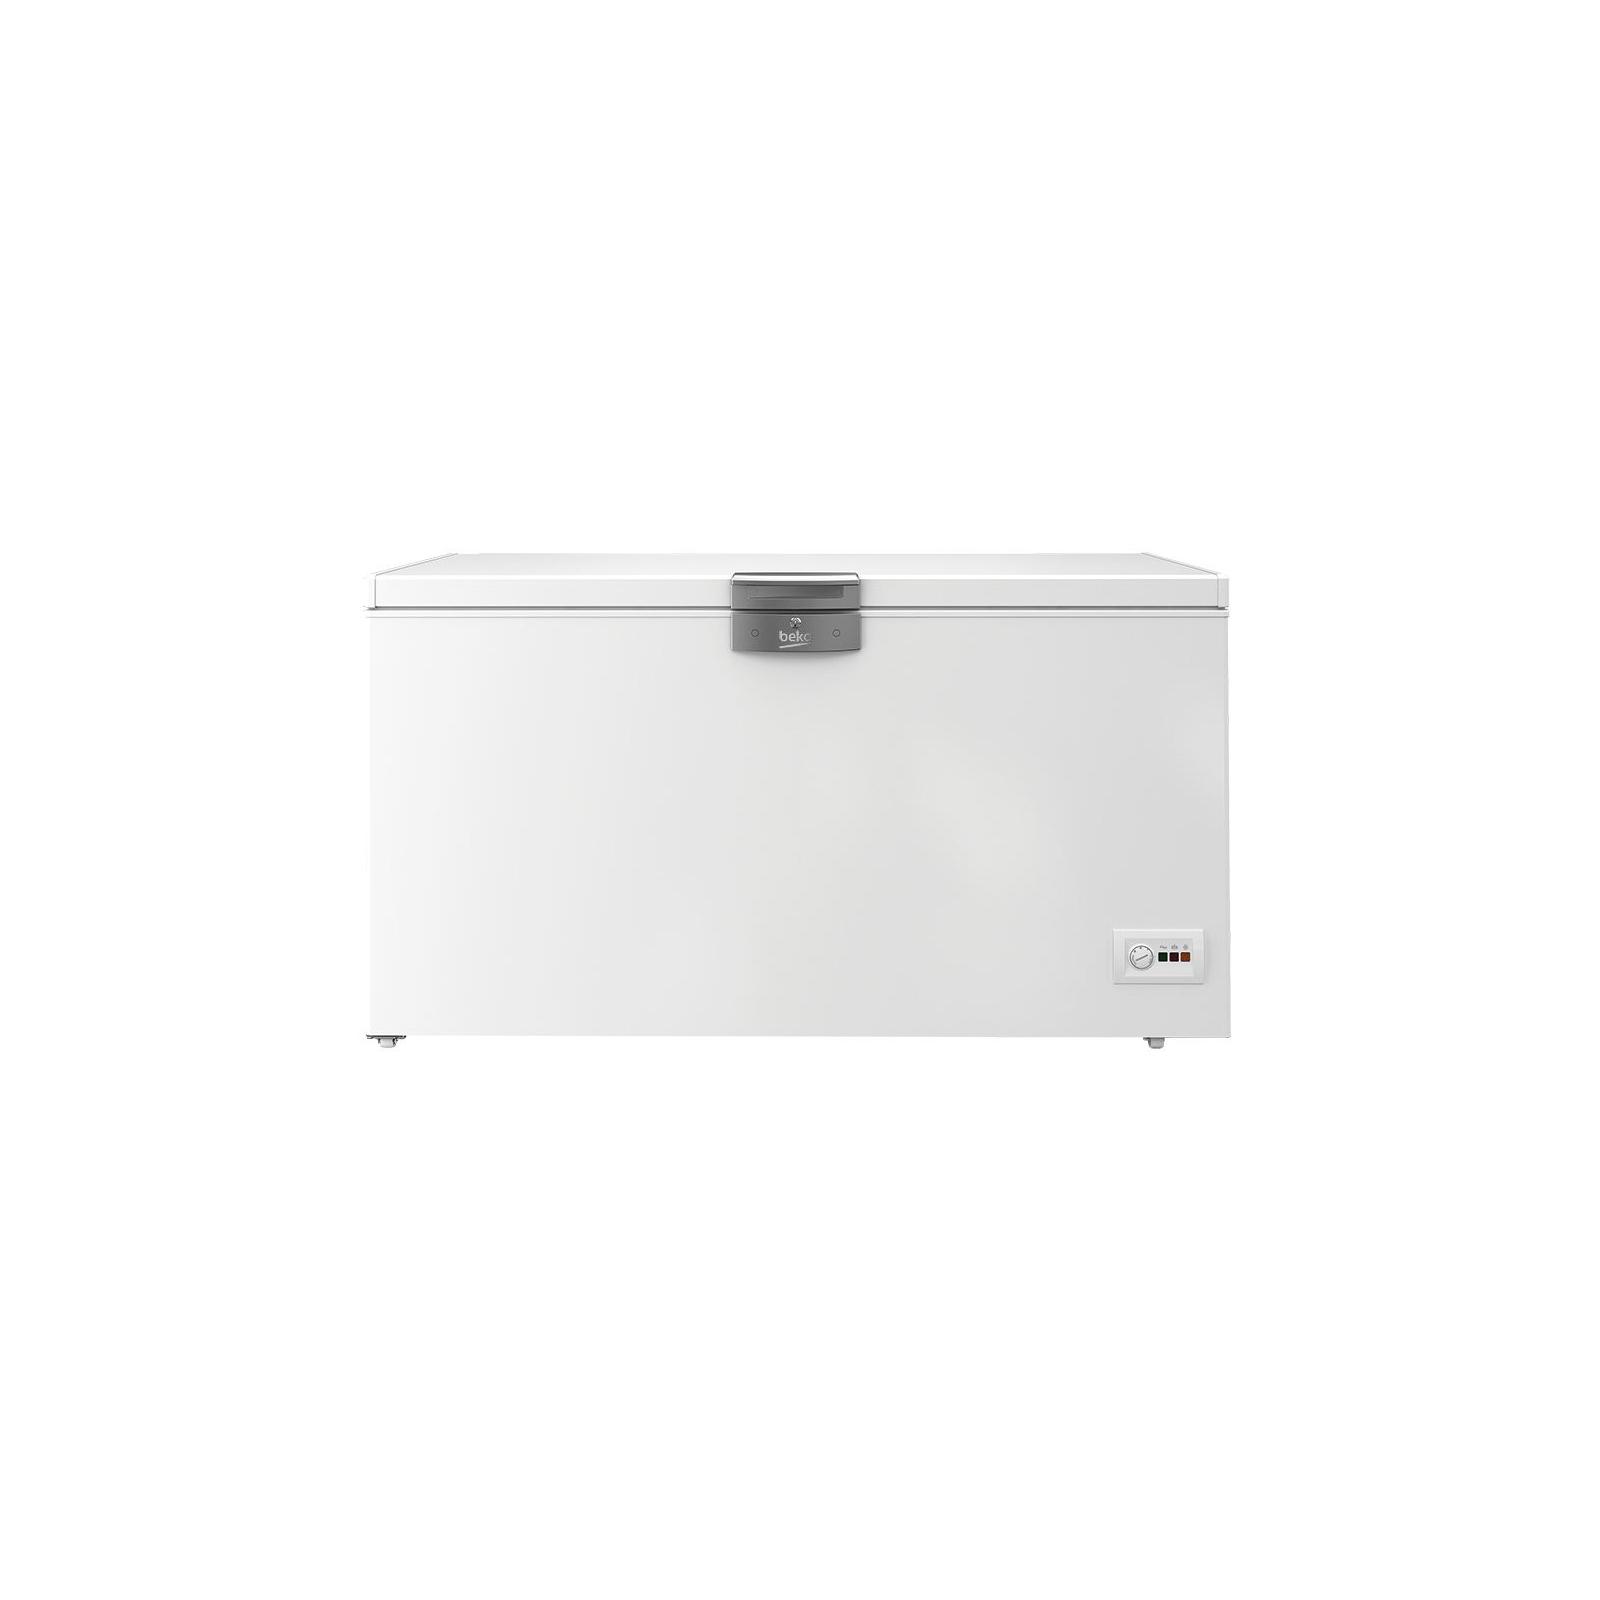 Морозильная камера BEKO HSA 47520 (HSA47520)